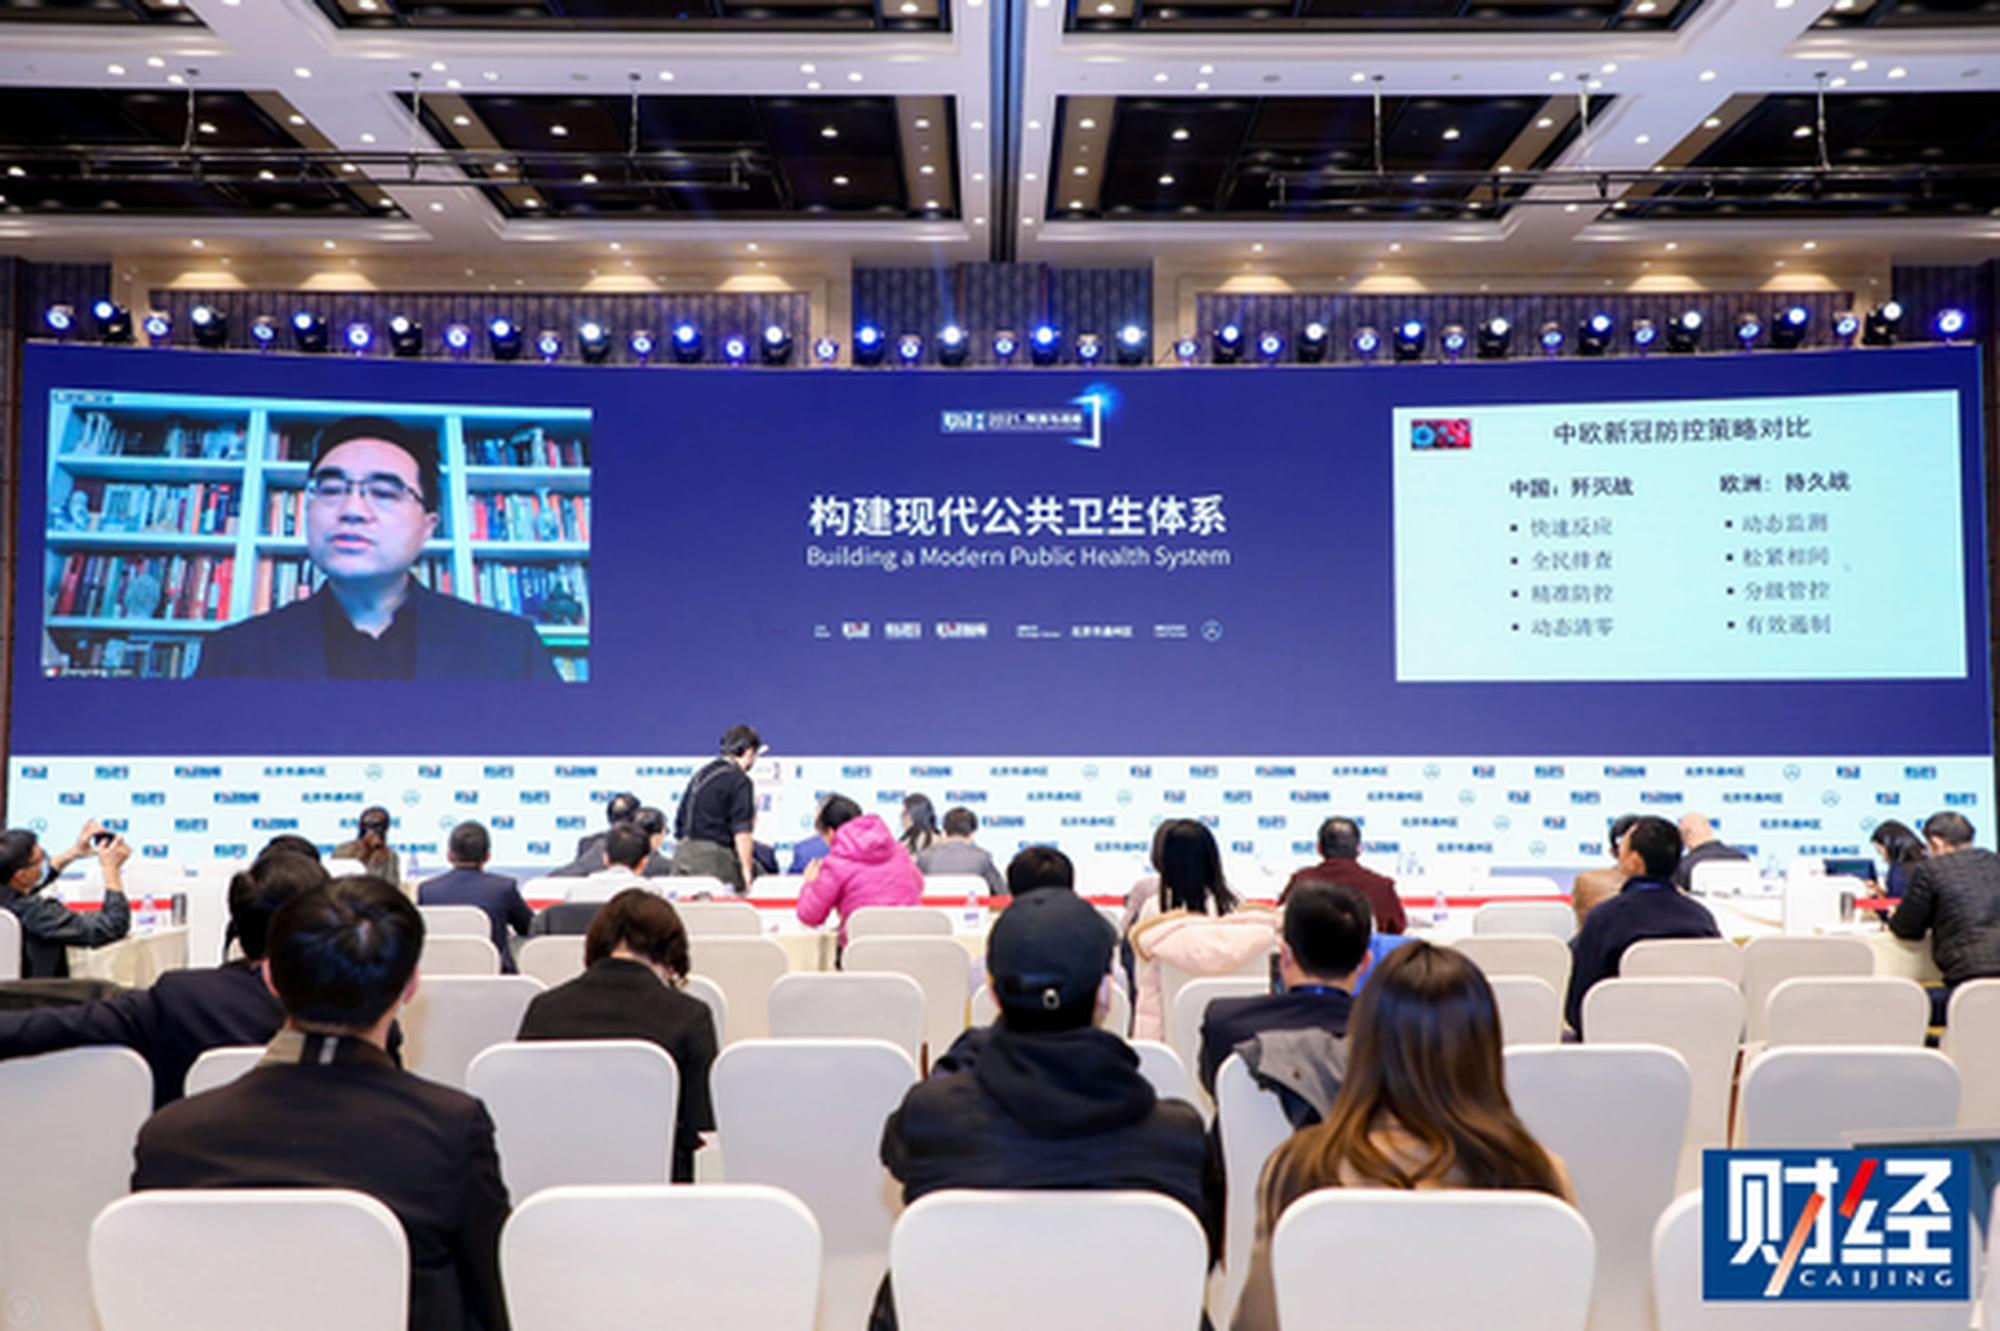 流行病学专家陈铮鸣:中国采取的是快准的歼灭战 防控策略令人瞩目